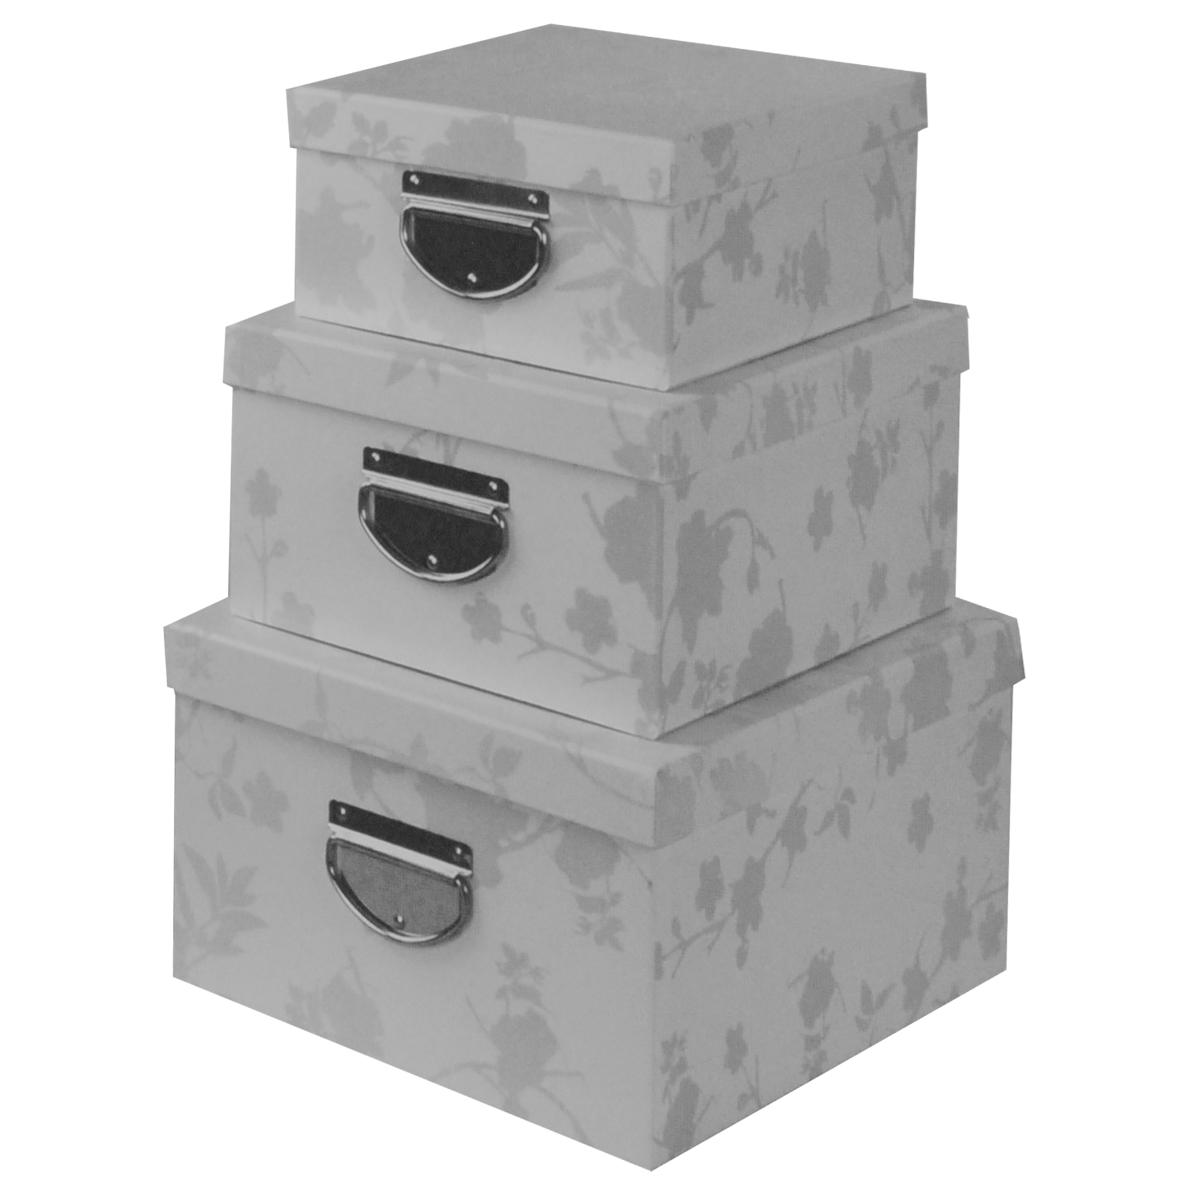 Набор коробок для хранения Зимнее настроение, цвет: белый, 3 штLS-8140 (S/3)WHITEКофры для хранения Зимнее настроение прекрасно подойдут для гардероба, хранения личных вещей, нижнего белья, различных аксессуаров, а также бытовых предметов или принадлежностей для шитья. В комплекте 3 прямоугольных кофра разного размера, с крышками. Изделия выполнены из плотного картона, внешняя поверхность оформлена растительным орнаментом с бархатистой текстурой. Сбоку имеется металлическая ручка, которая позволяет использовать их в качестве выдвижных ящиков. Размер малого кофра:25 см х 20 см х 10 см. Размер среднего кофра: 30 см х 23 см х 13 см. Размер большого кофра: 35 см х 26 см х 16 см.